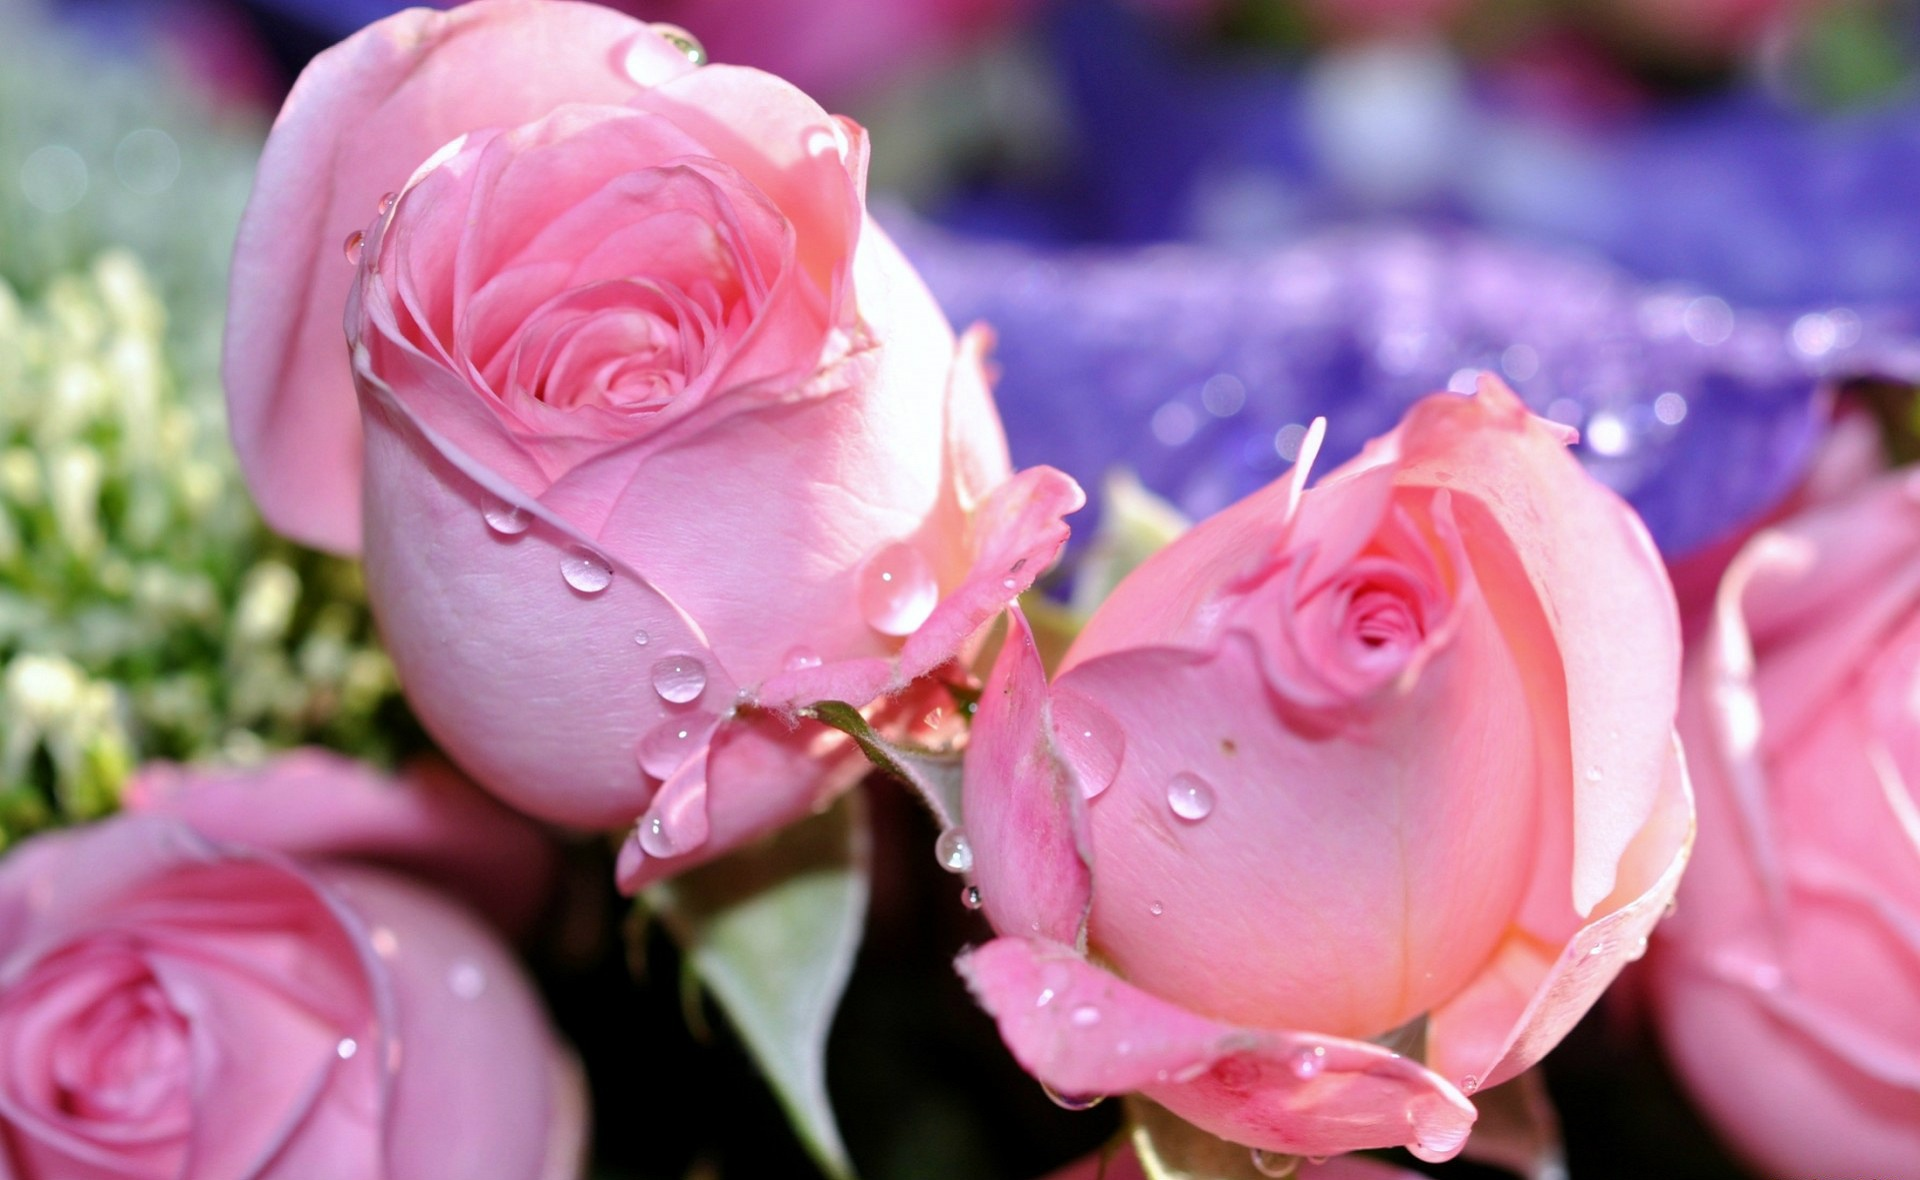 картинки розы для милой руководителей компаний, которые